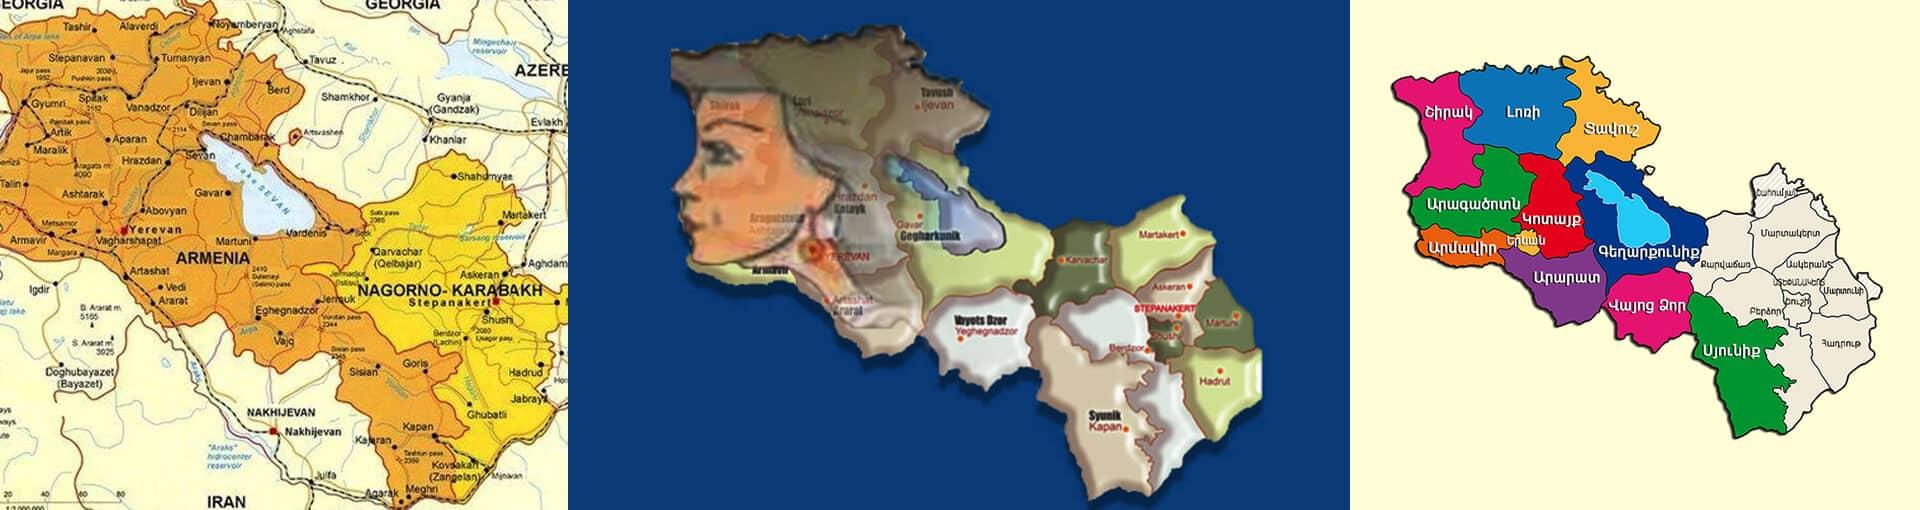 Map of Armenia: Beautiful Girl